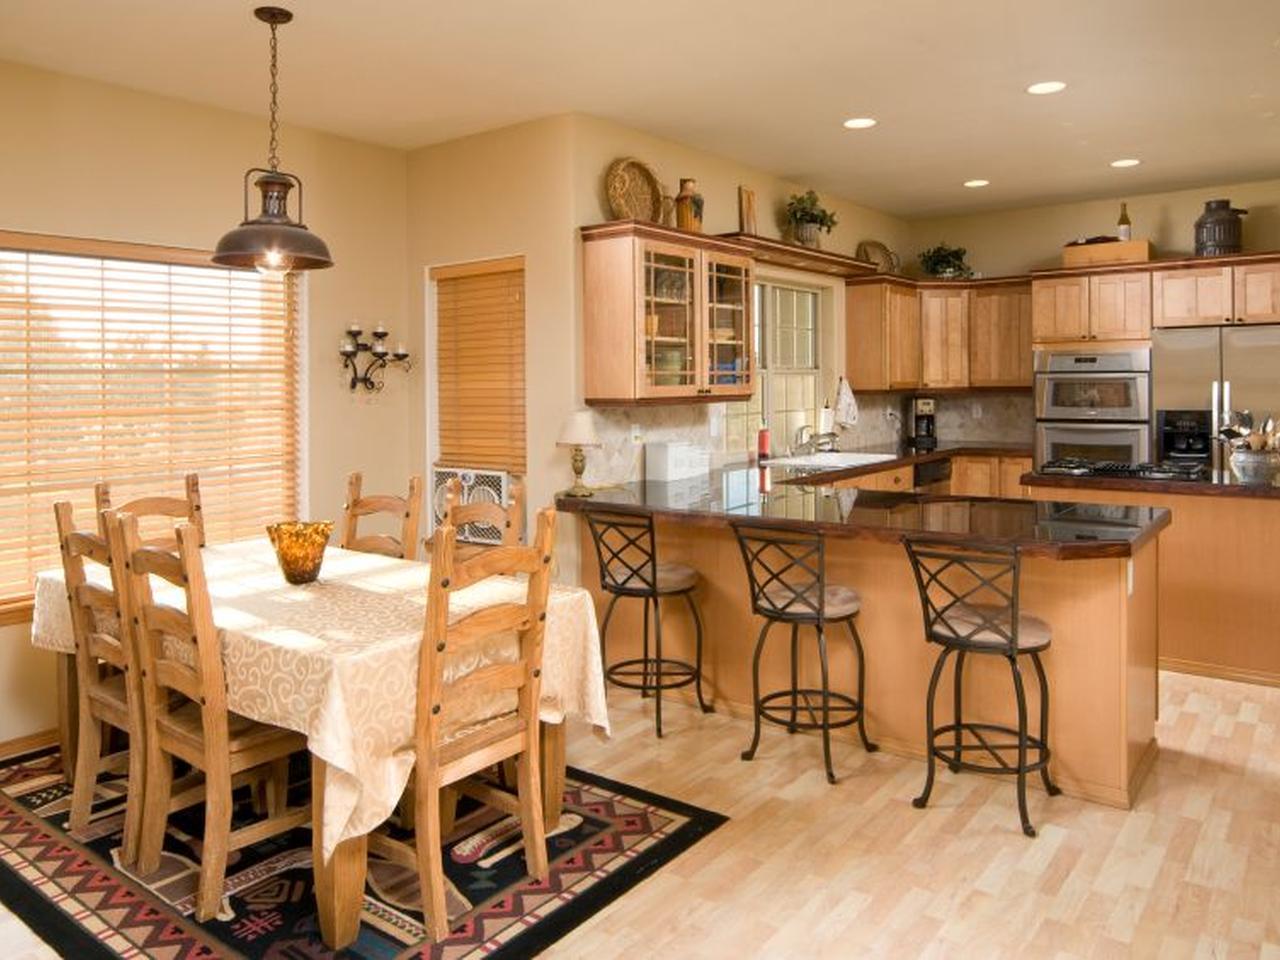 Дизайн интерьера для кухни столовой